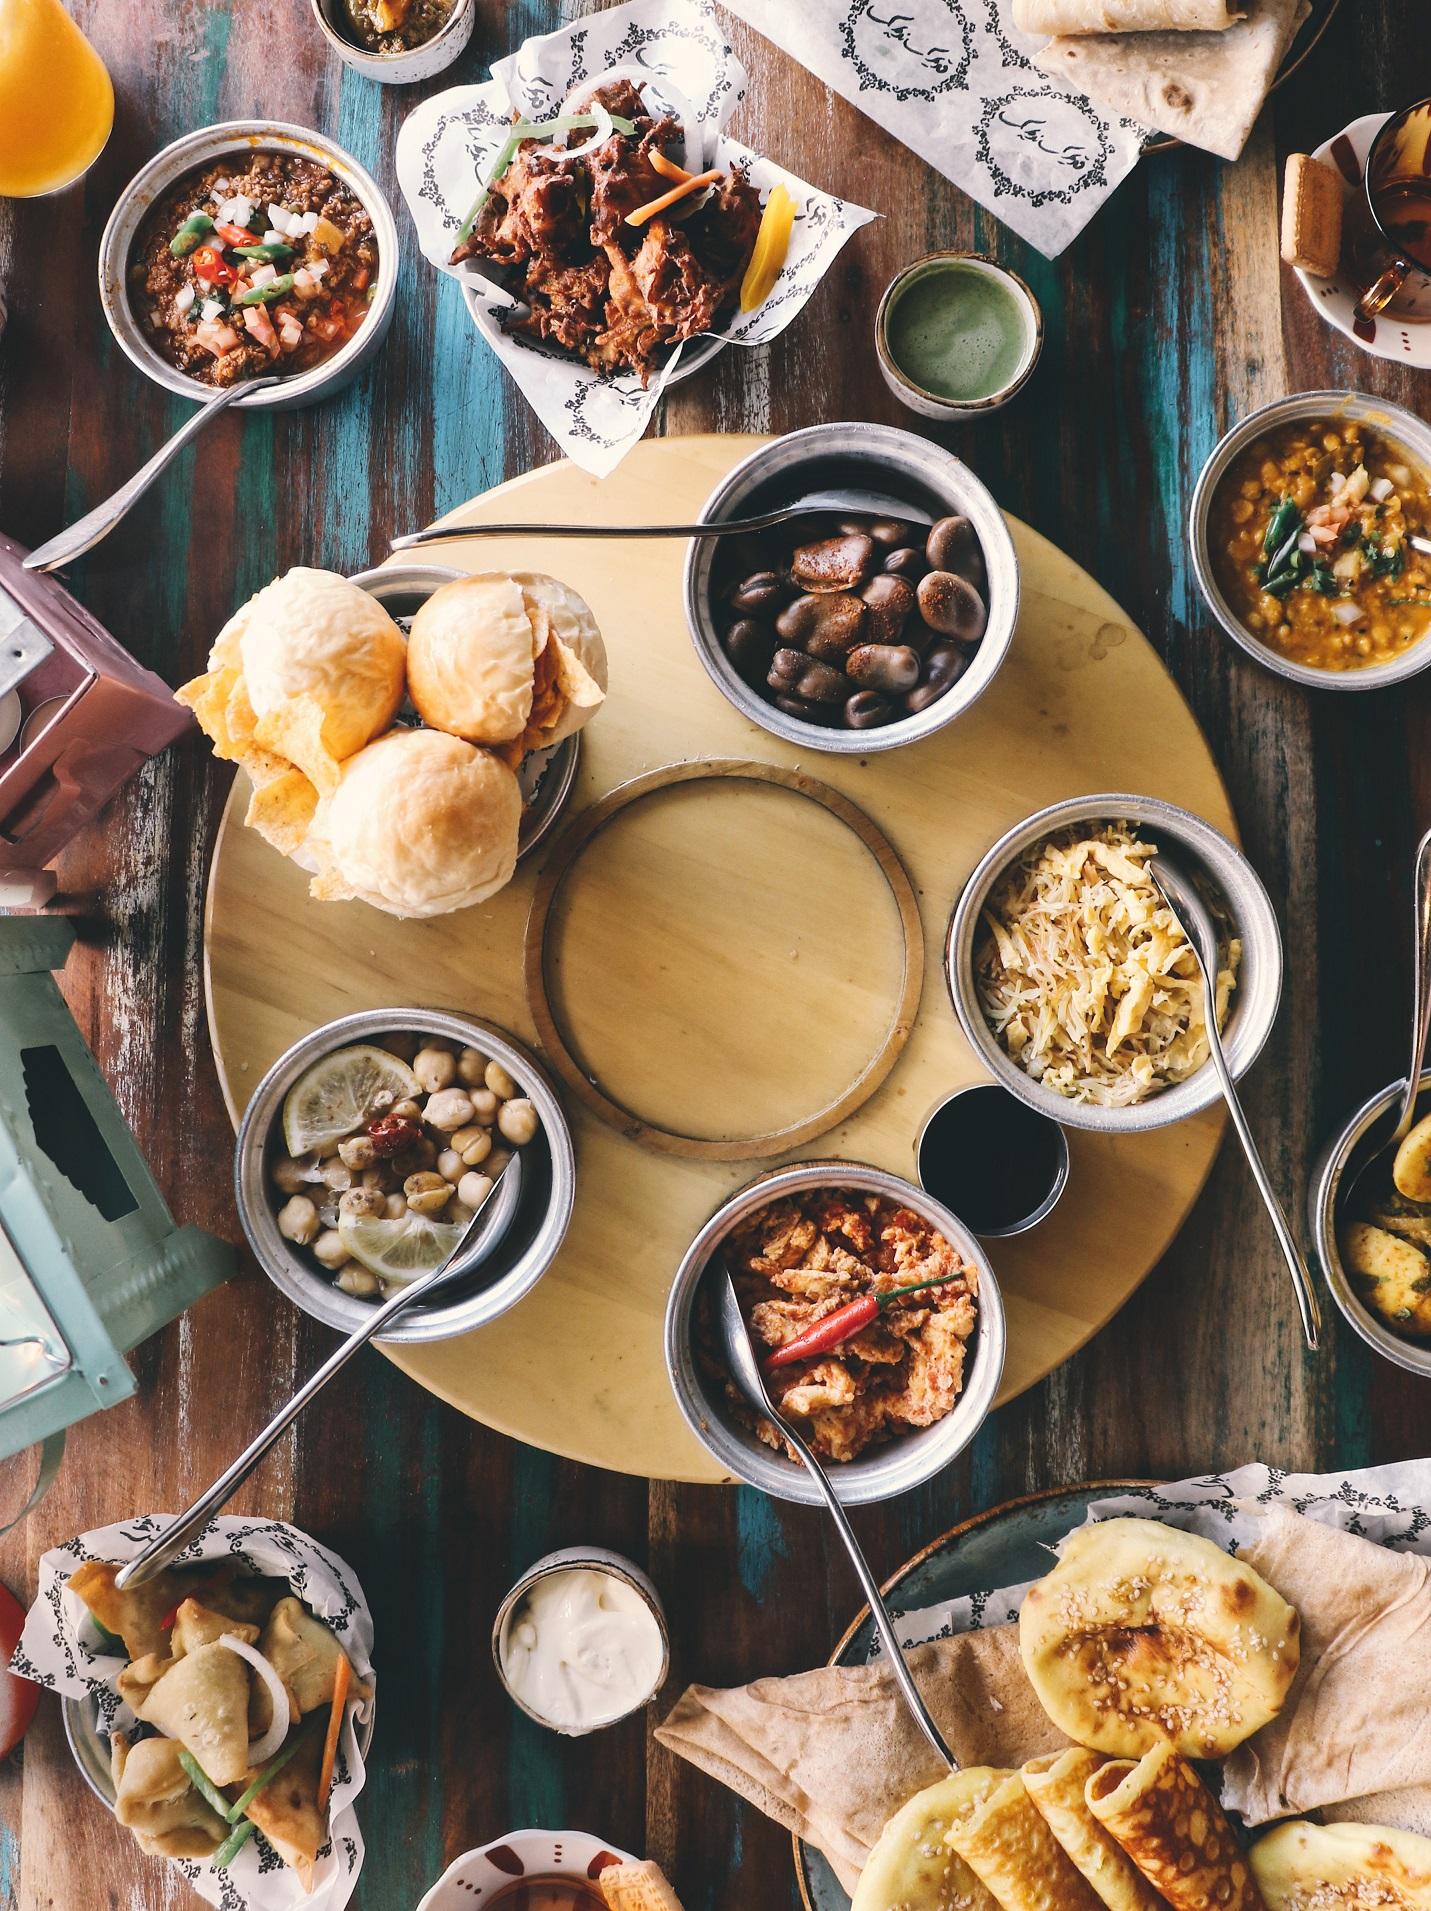 إفطار لشخصين